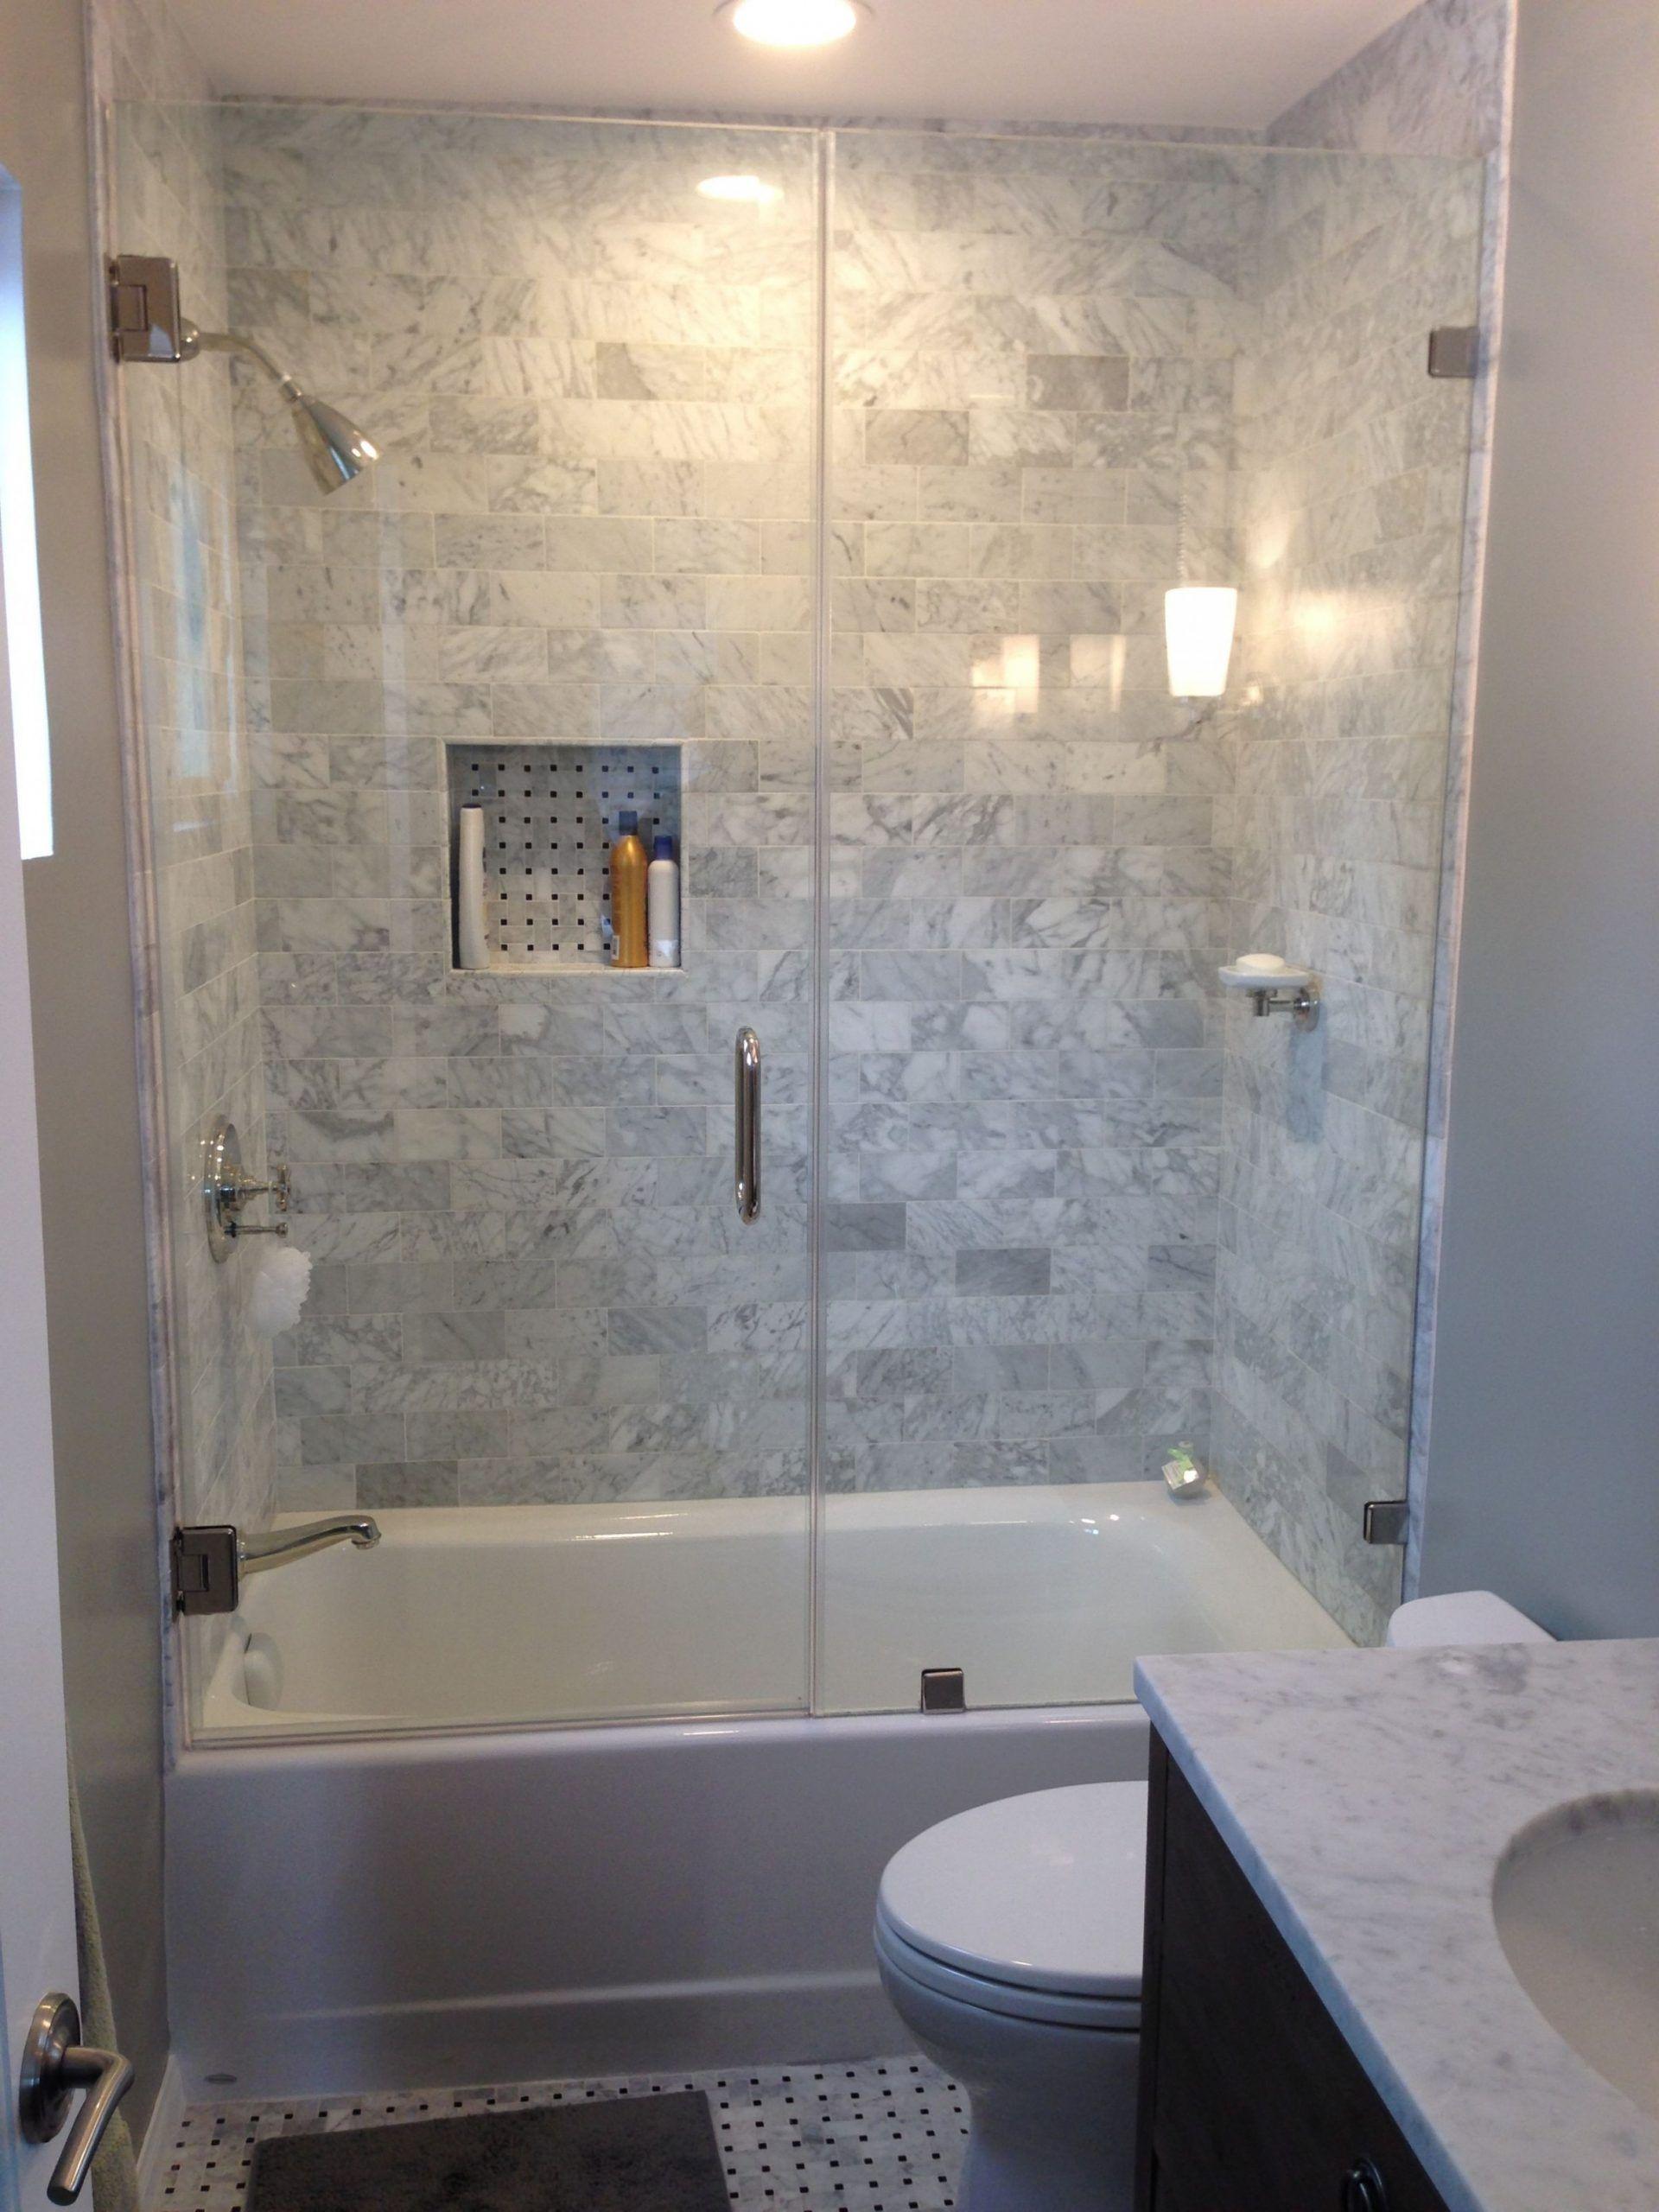 Small Bathroom Bath Shower Ideas Bathroom Tub Shower Combo Bathroom Remodel Shower Tub To Shower Remodel